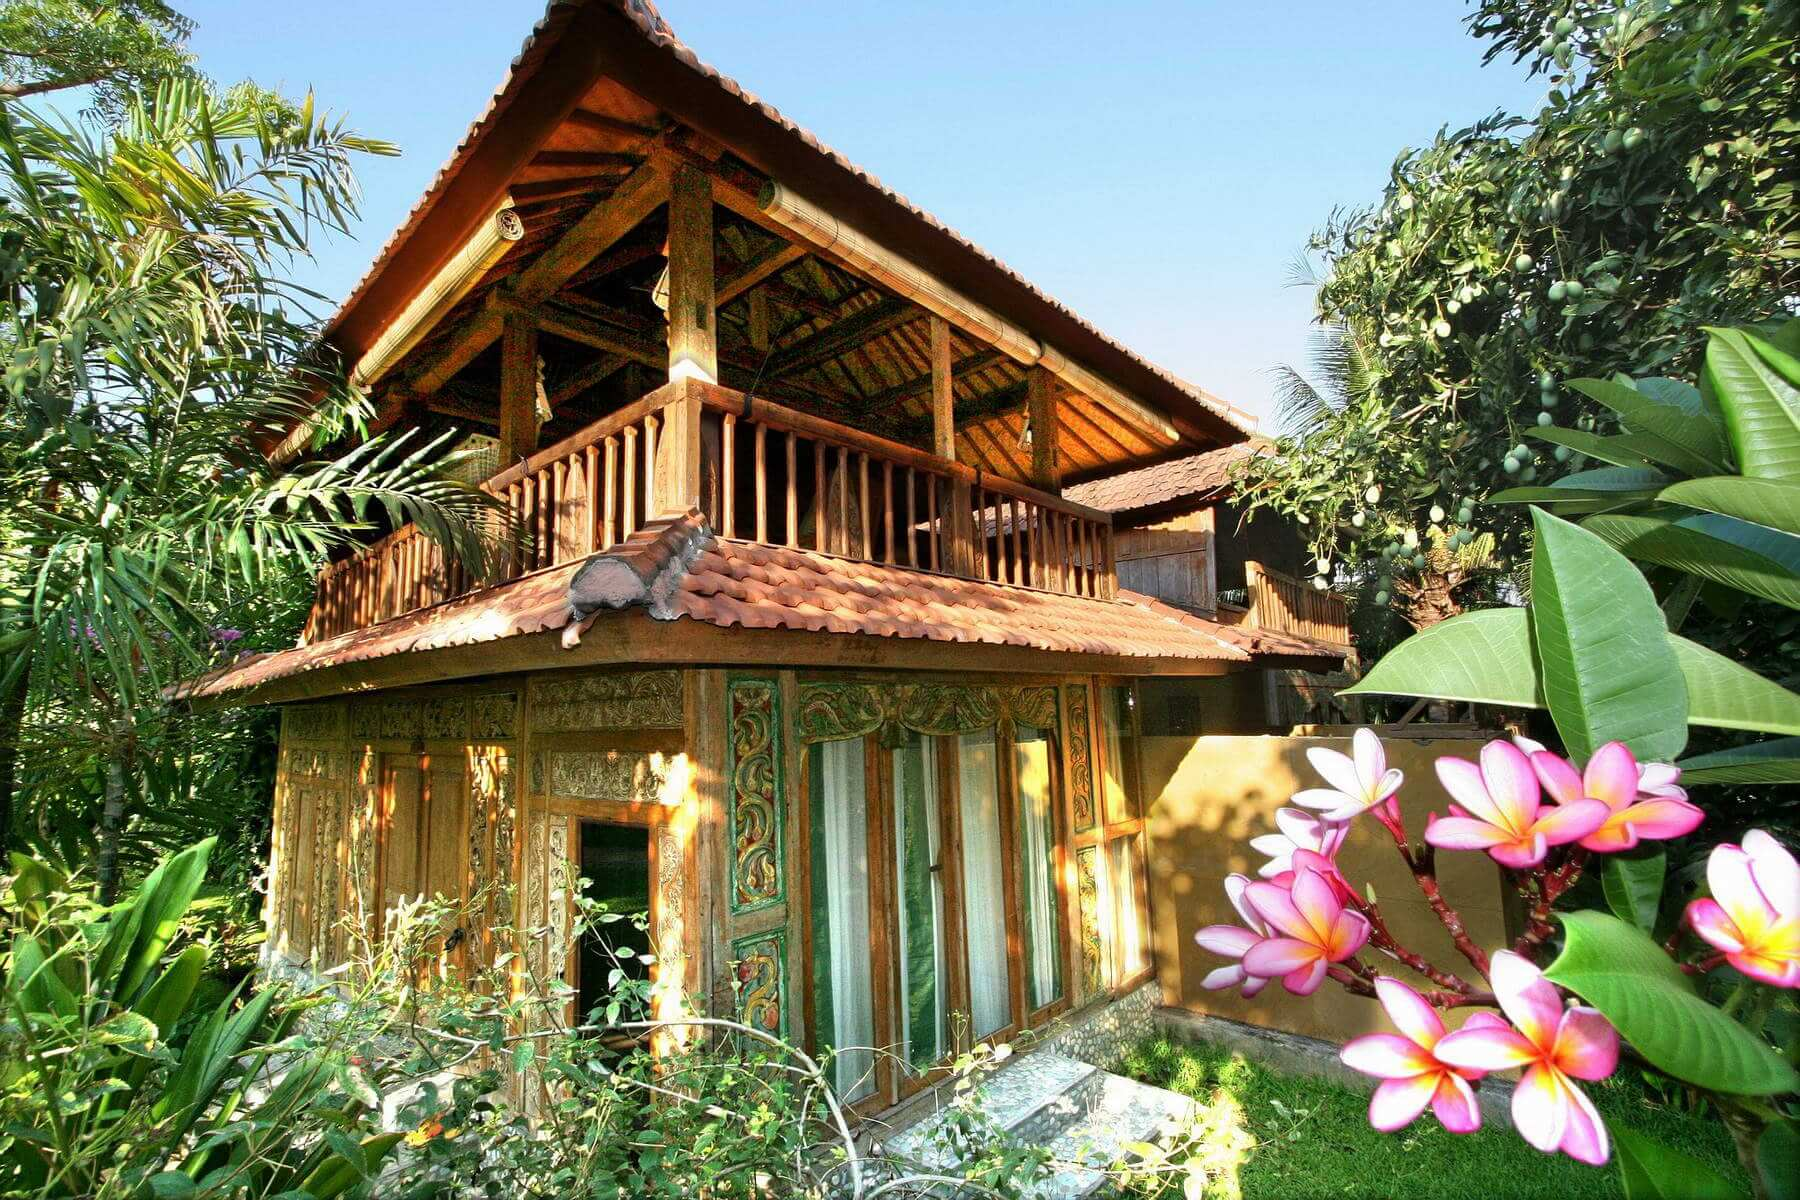 Das Pondok Sari Beach & Spa Resort liegt an der ruhigen Nordwestküste Balis, direkt an einem feinsandigen Lavastrand in dem kleinen Ort Pemuteran.